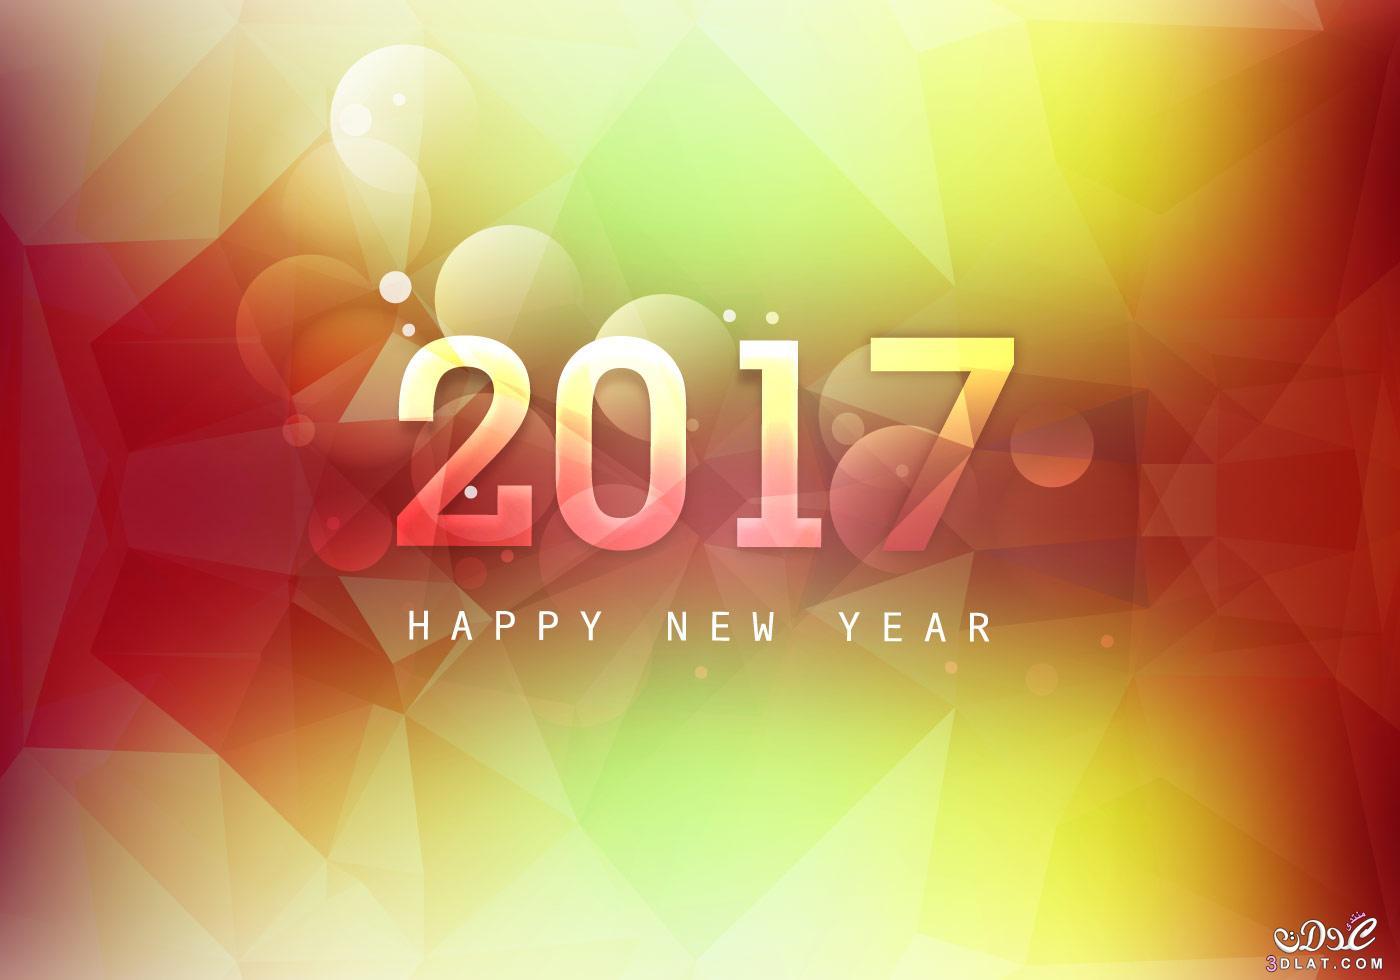 خلفيات جديدة لراس السنة الميلادية 2017 , اروع الخلفيات للعام الجديد , احدث الرمزيات للعام 2017 new_1479739244_552.j